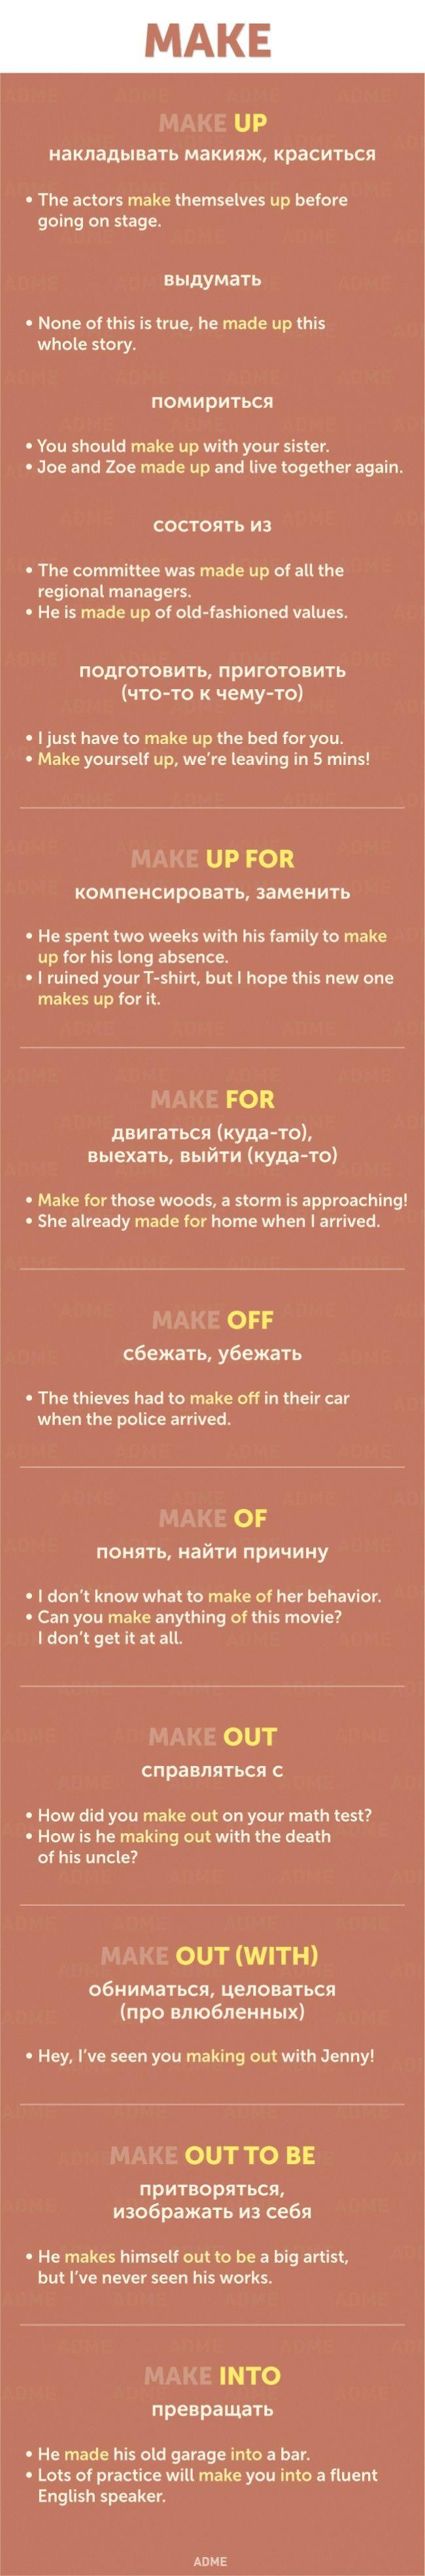 pr-nakladyvat-mekiyazh-krasitsya-650-1455085804.jpg (650×3940)